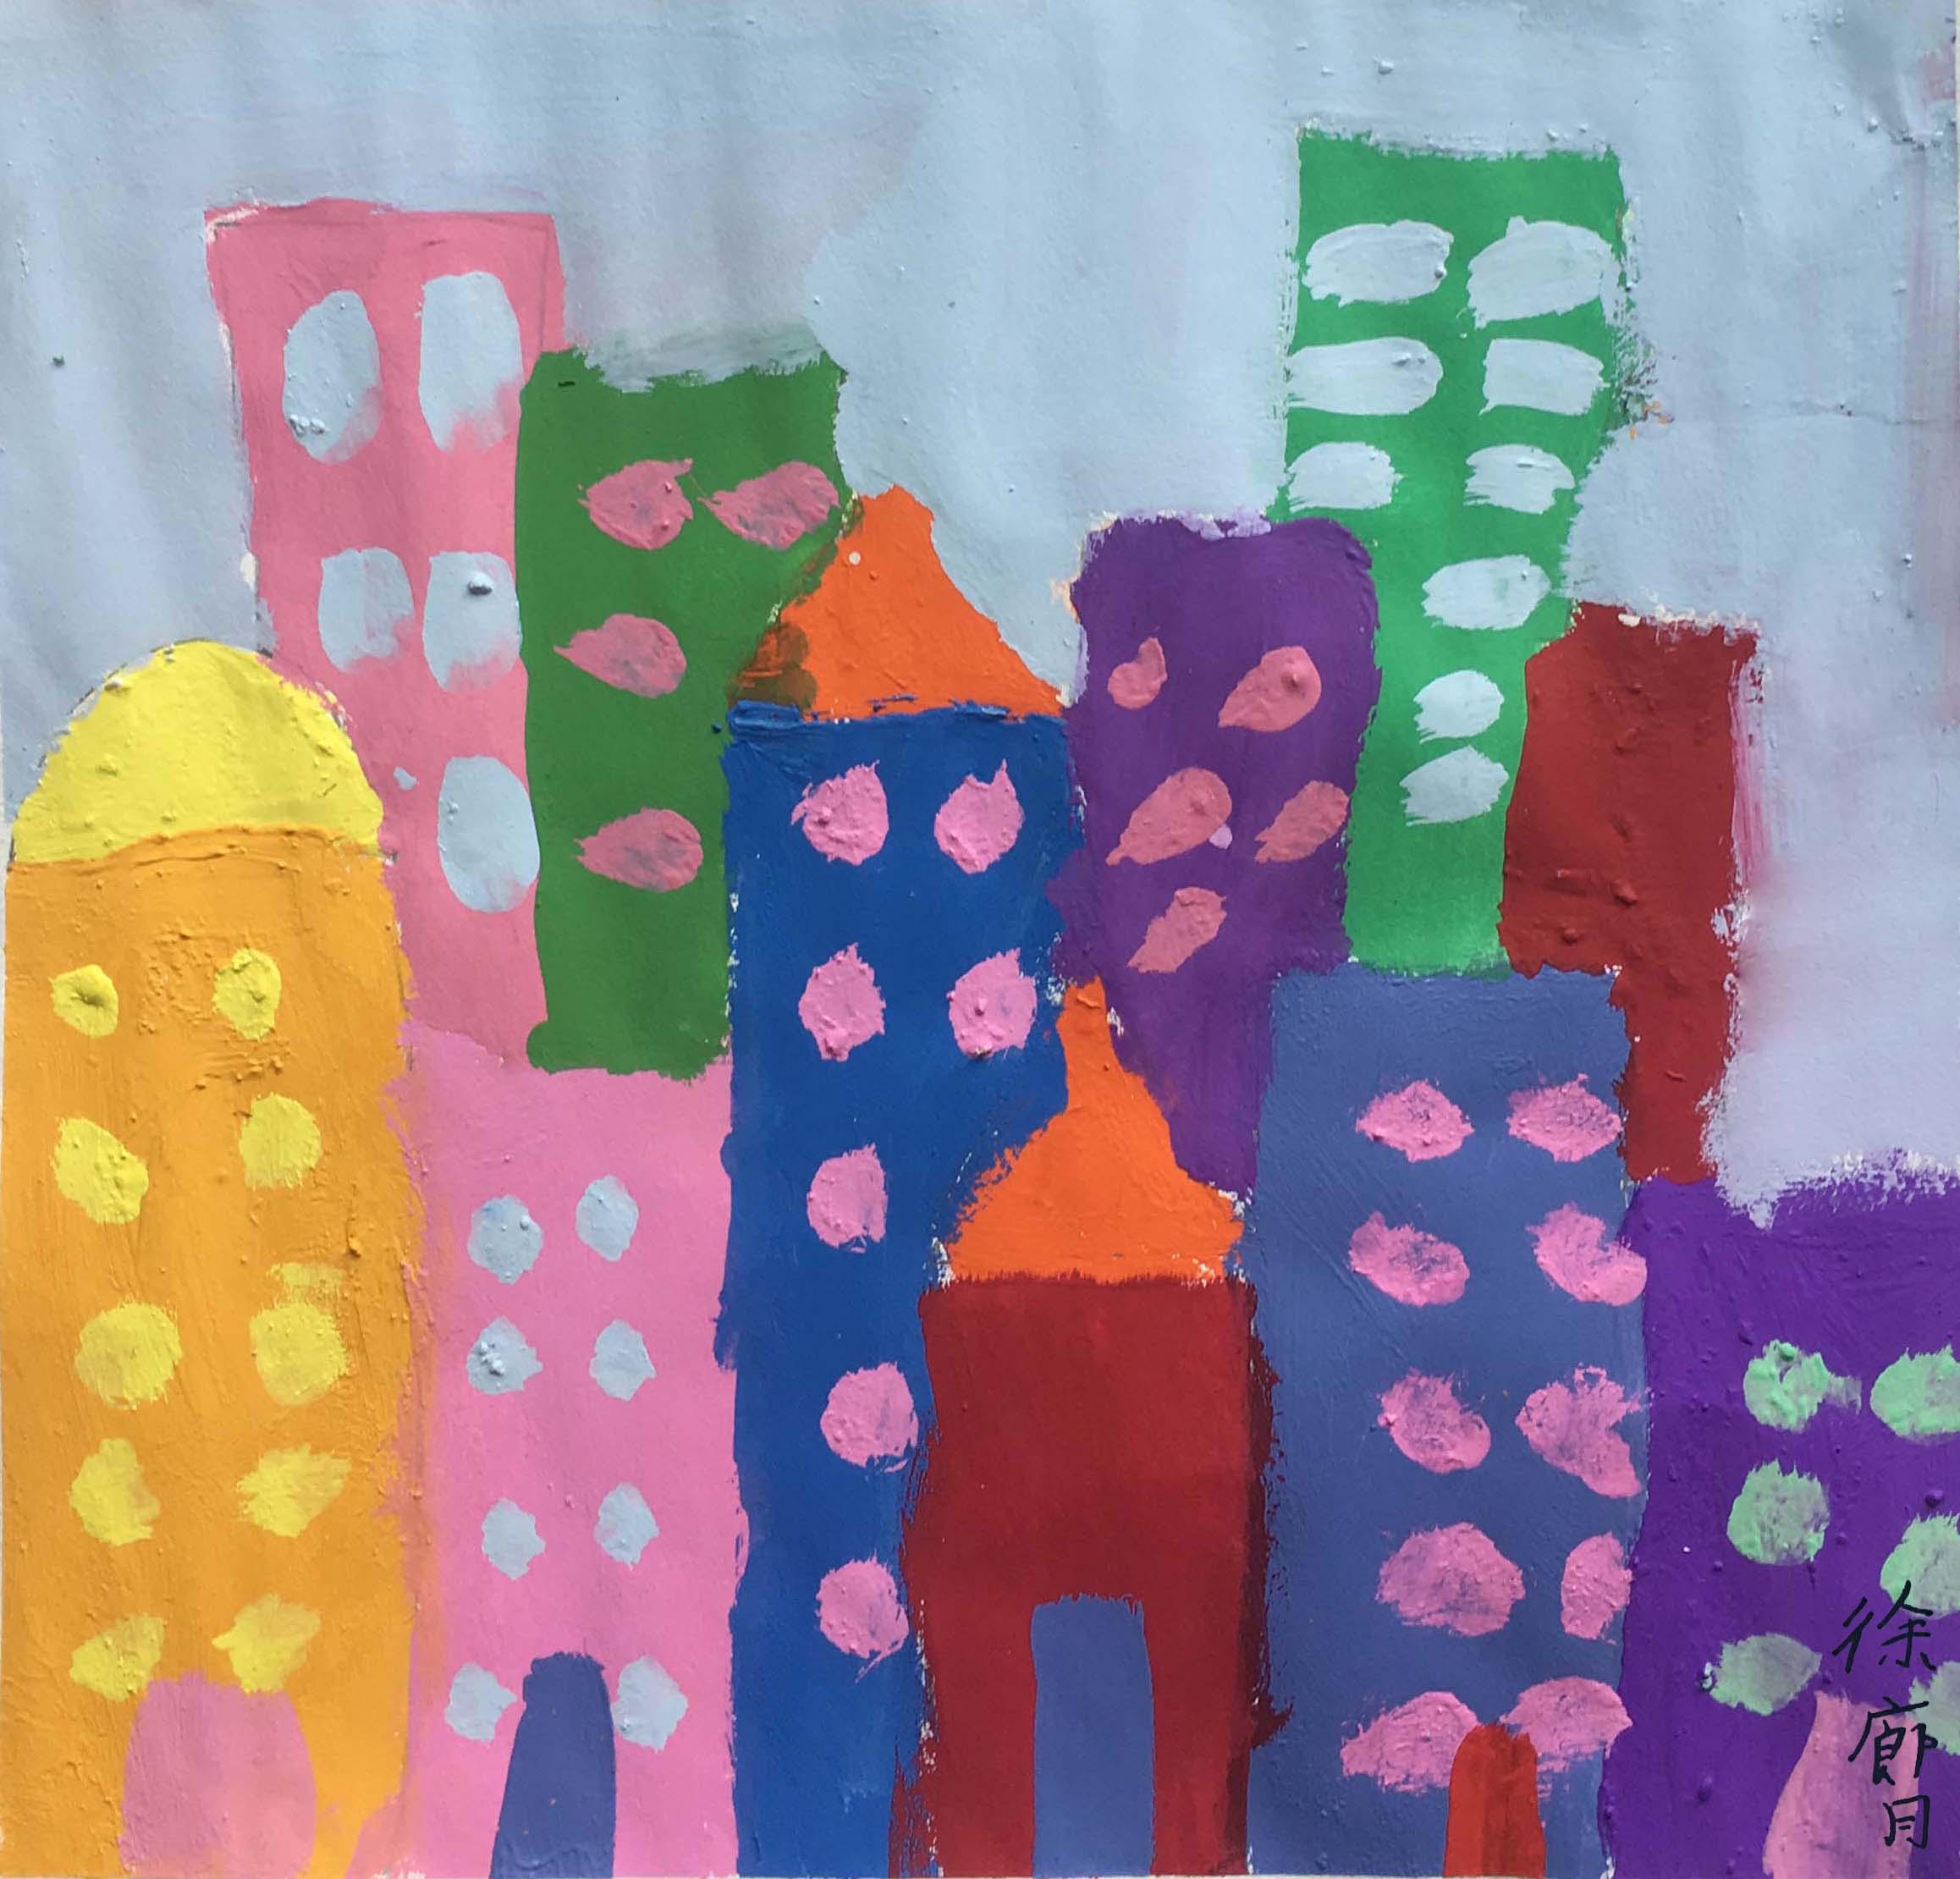 儿童画-城市(水粉画)-徐廊月-国际青少年艺术家